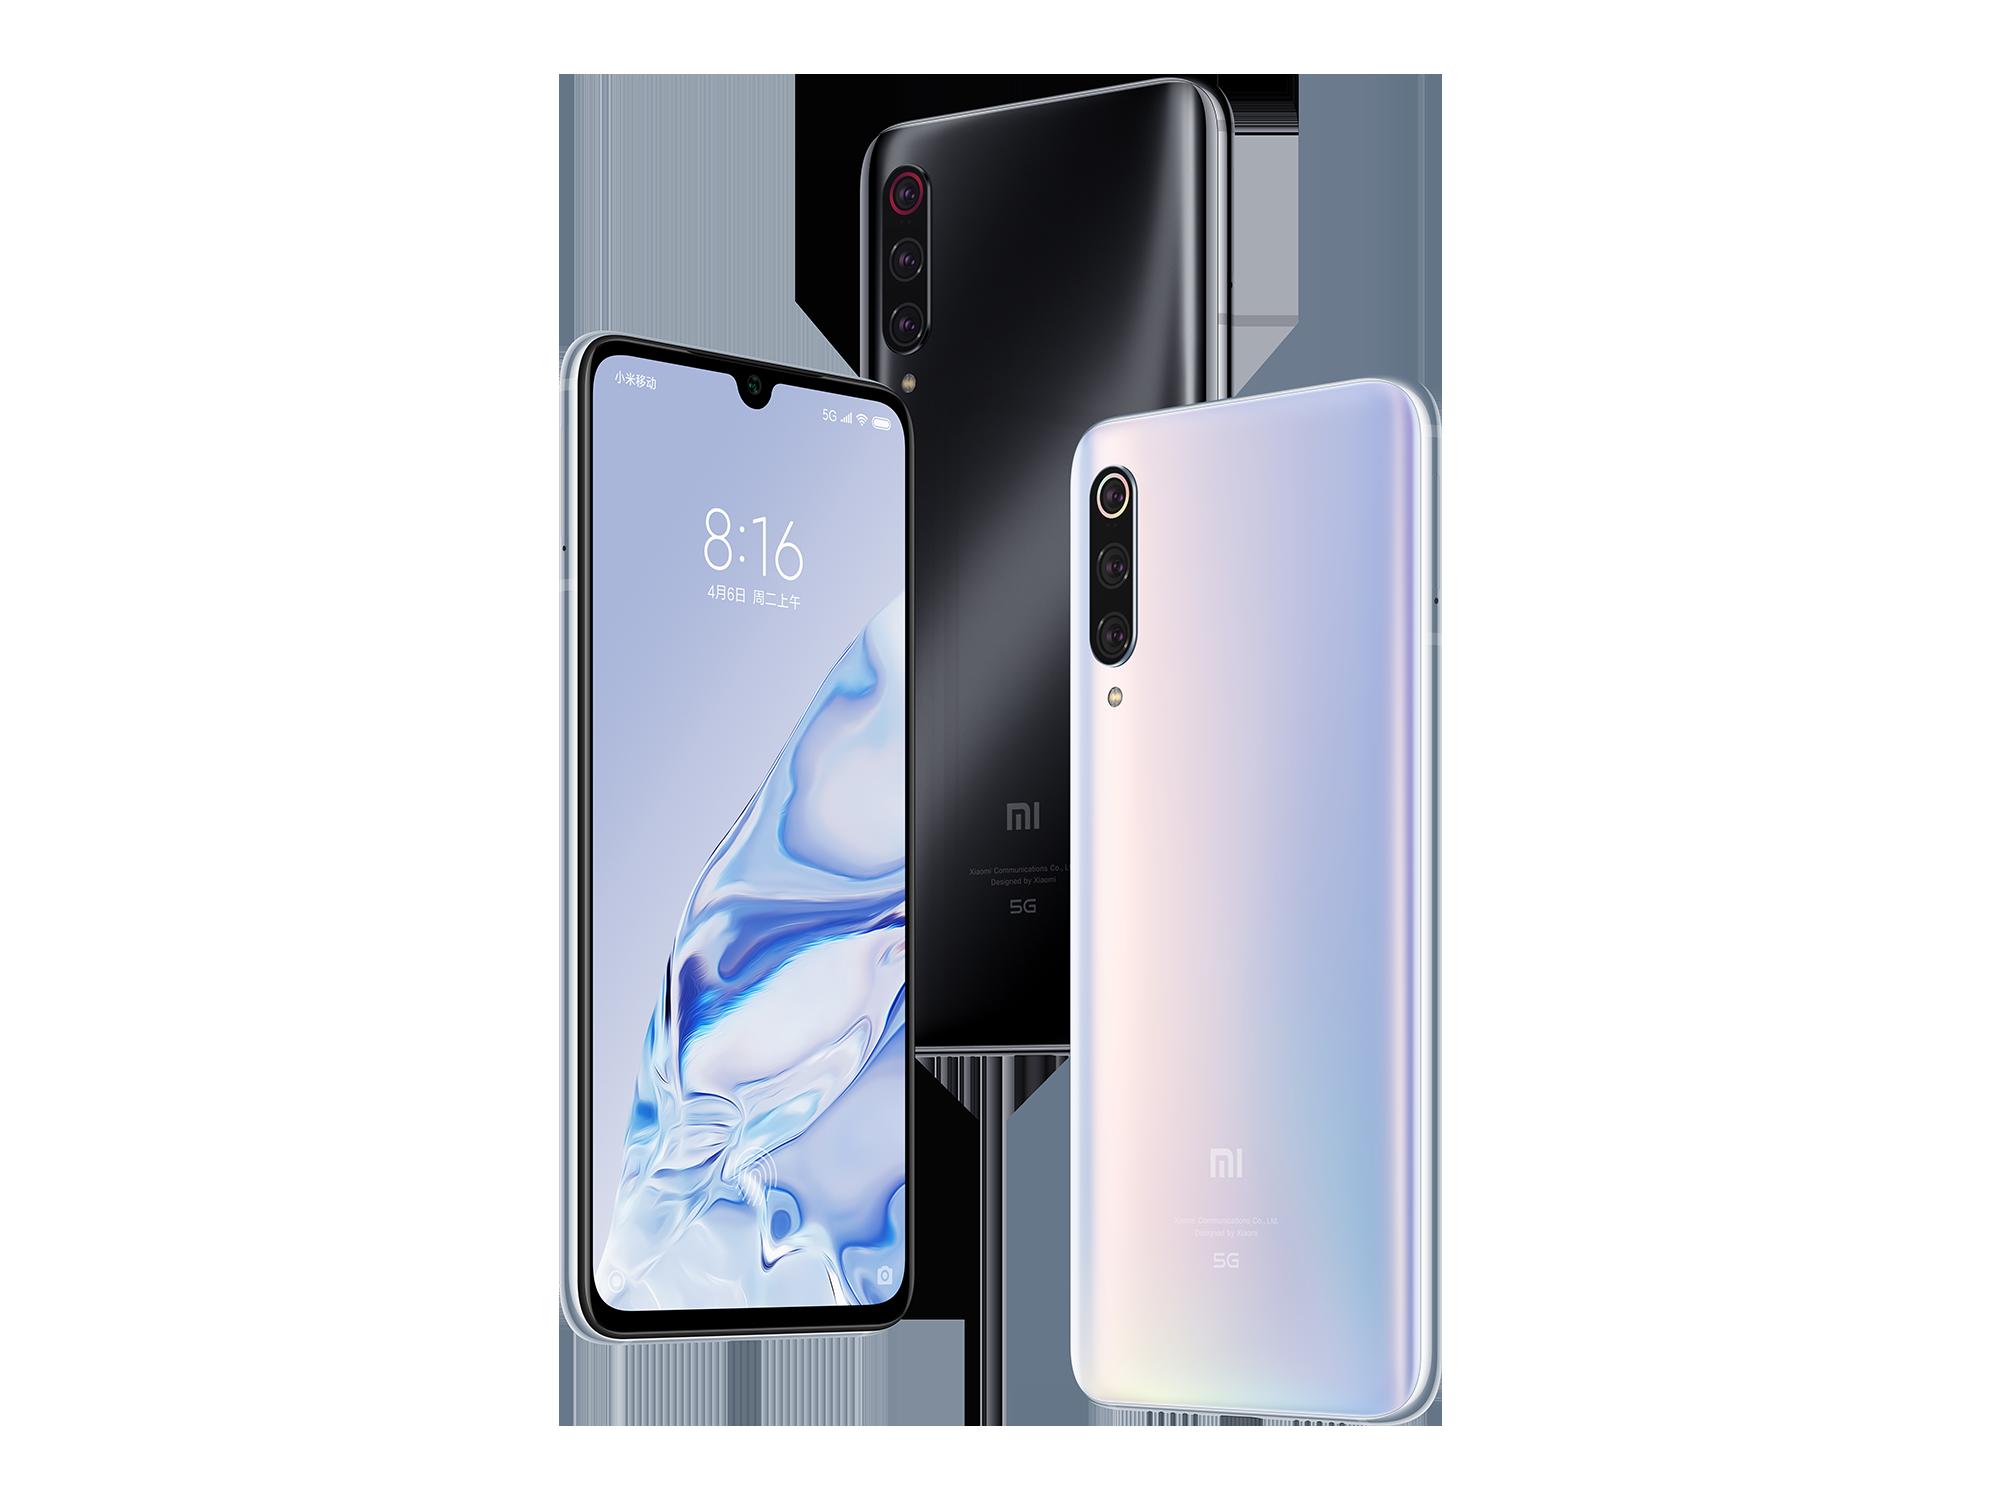 最超值的5G双卡手机 小米9 Pro 5G发布售价3699元起